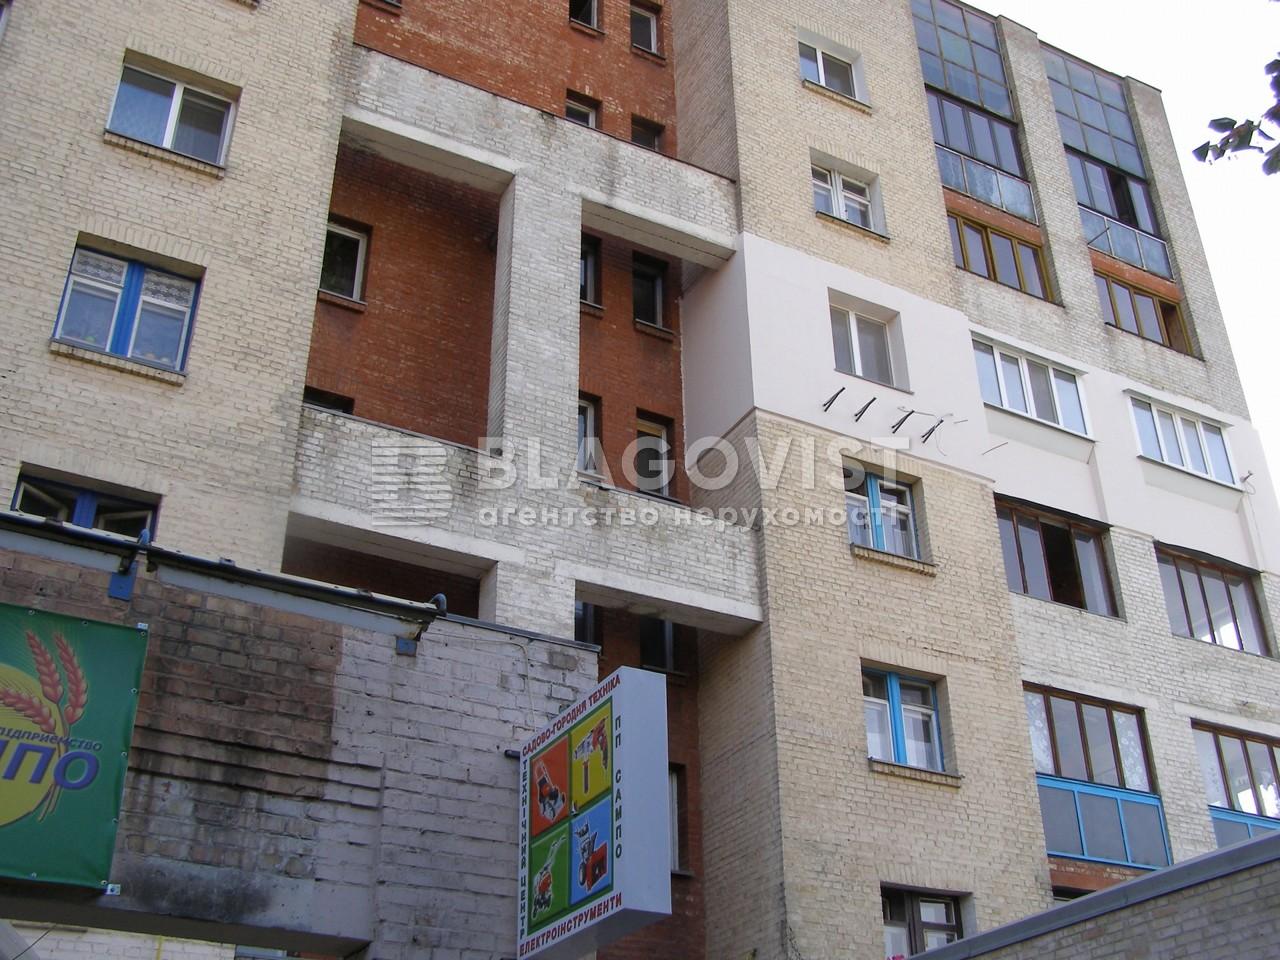 Квартира E-35708, Межигорская, 63, Киев - Фото 3